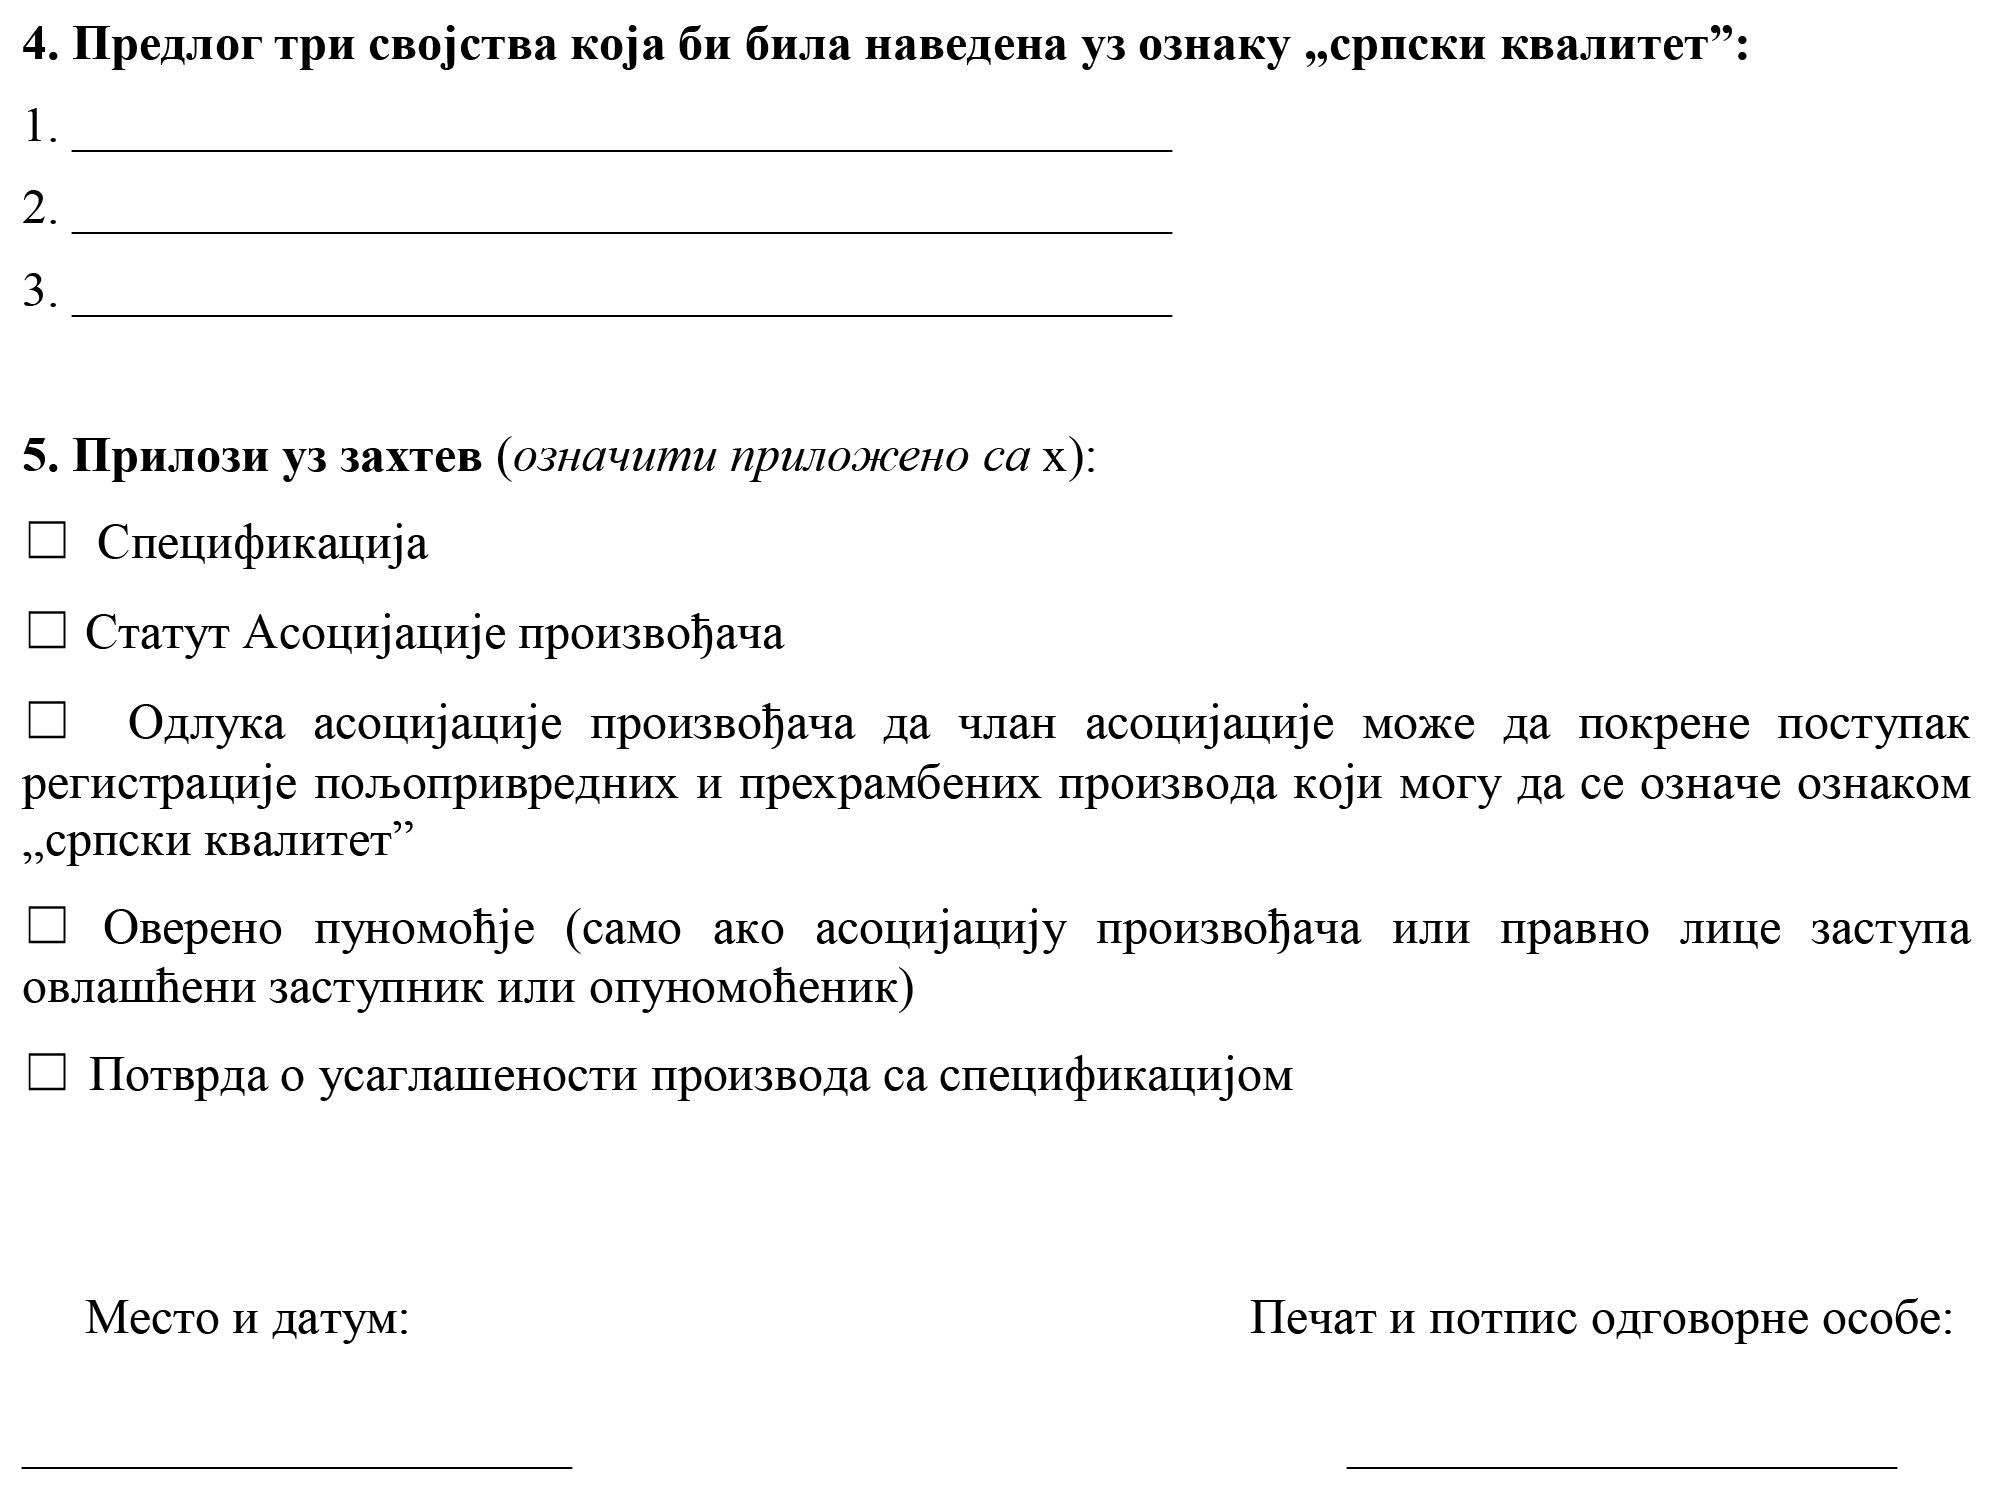 uredba-o-oznaci-srpski-kvalitet-prilog-1-2